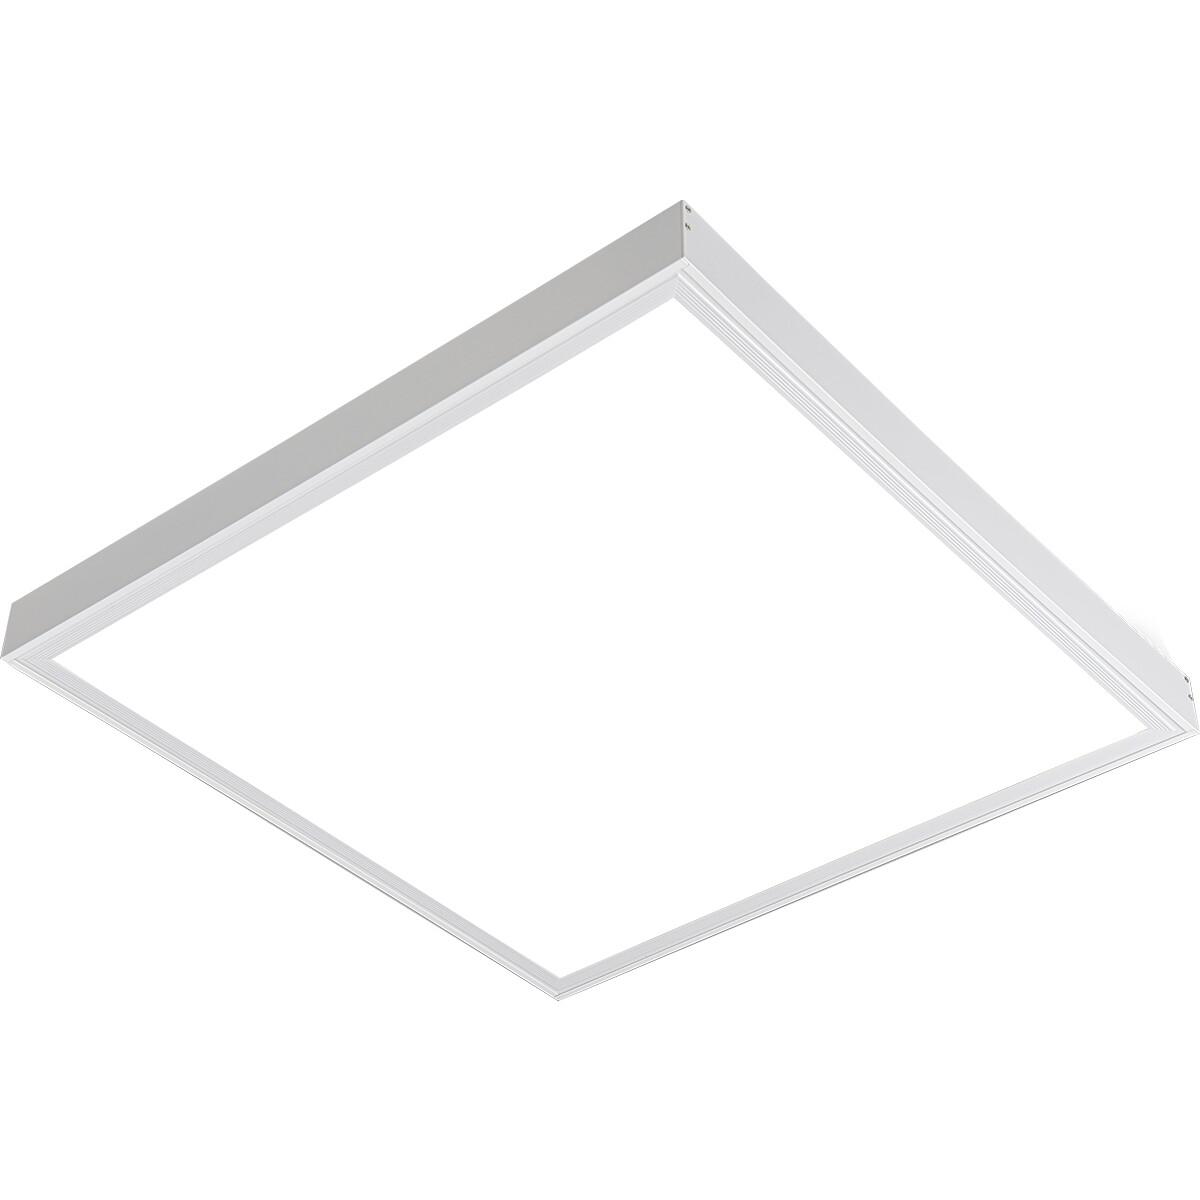 LED Paneel - Aigi Clena - 60x60 Helder/Koud Wit 6000K - 40W Opbouw Vierkant - Mat Wit - Flikkervrij